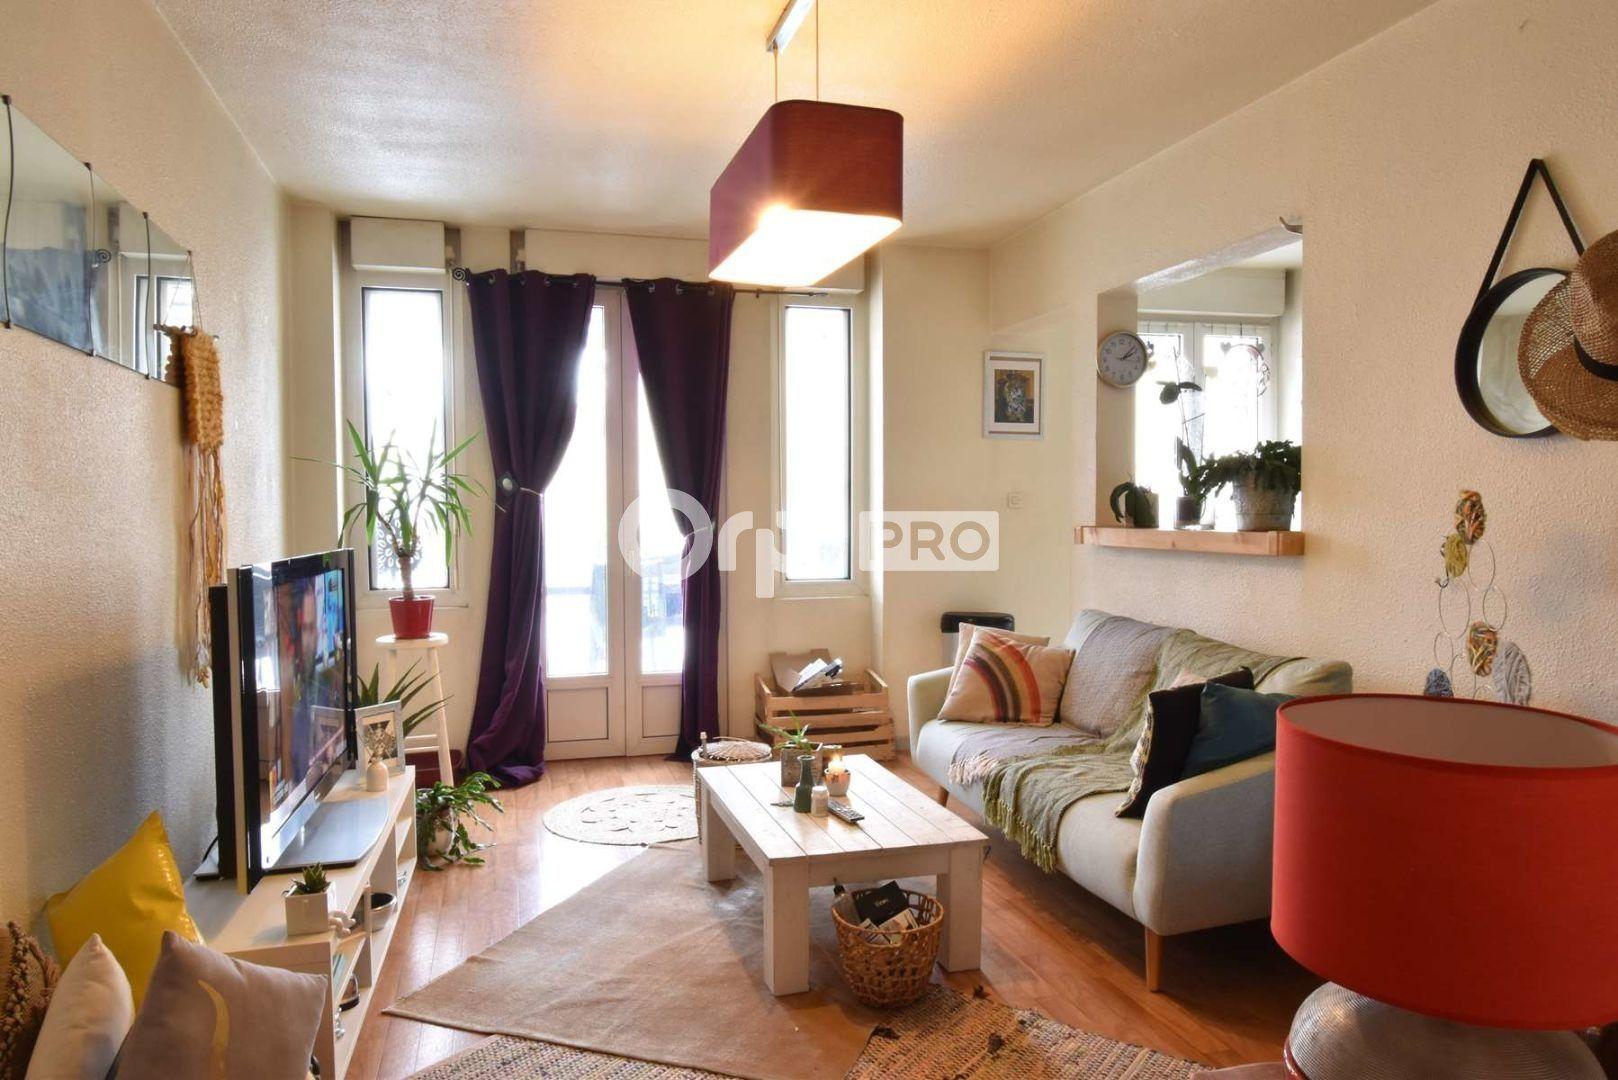 Fonds de commerce à vendre 0 794m2 à Romans-sur-Isère vignette-7